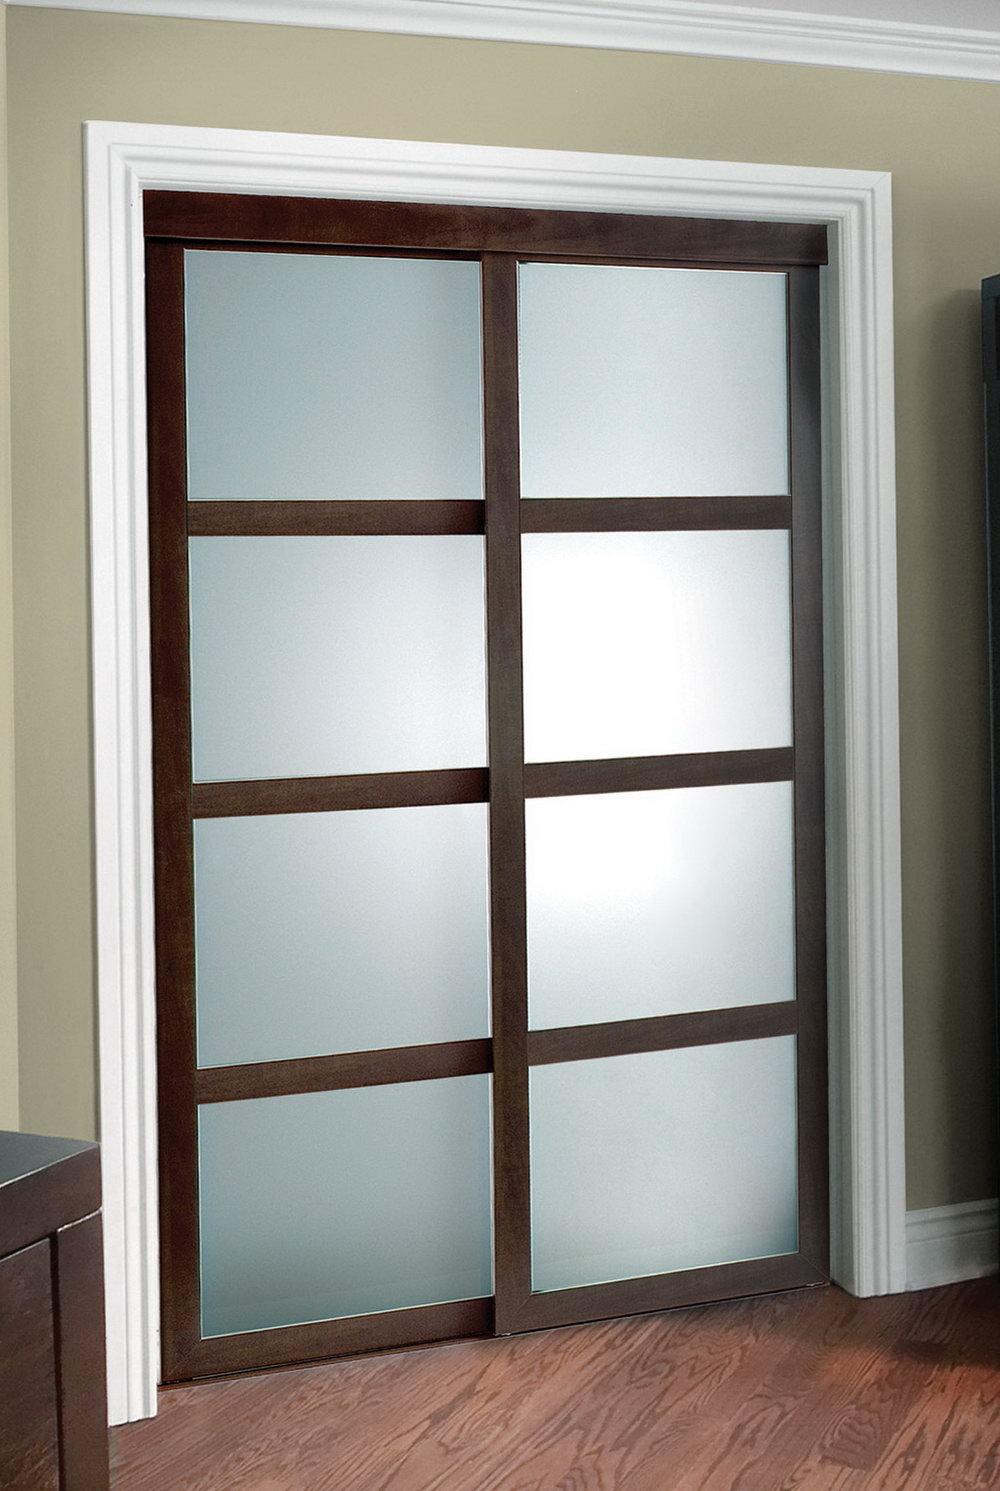 96 Inch Bifold Closet Doors